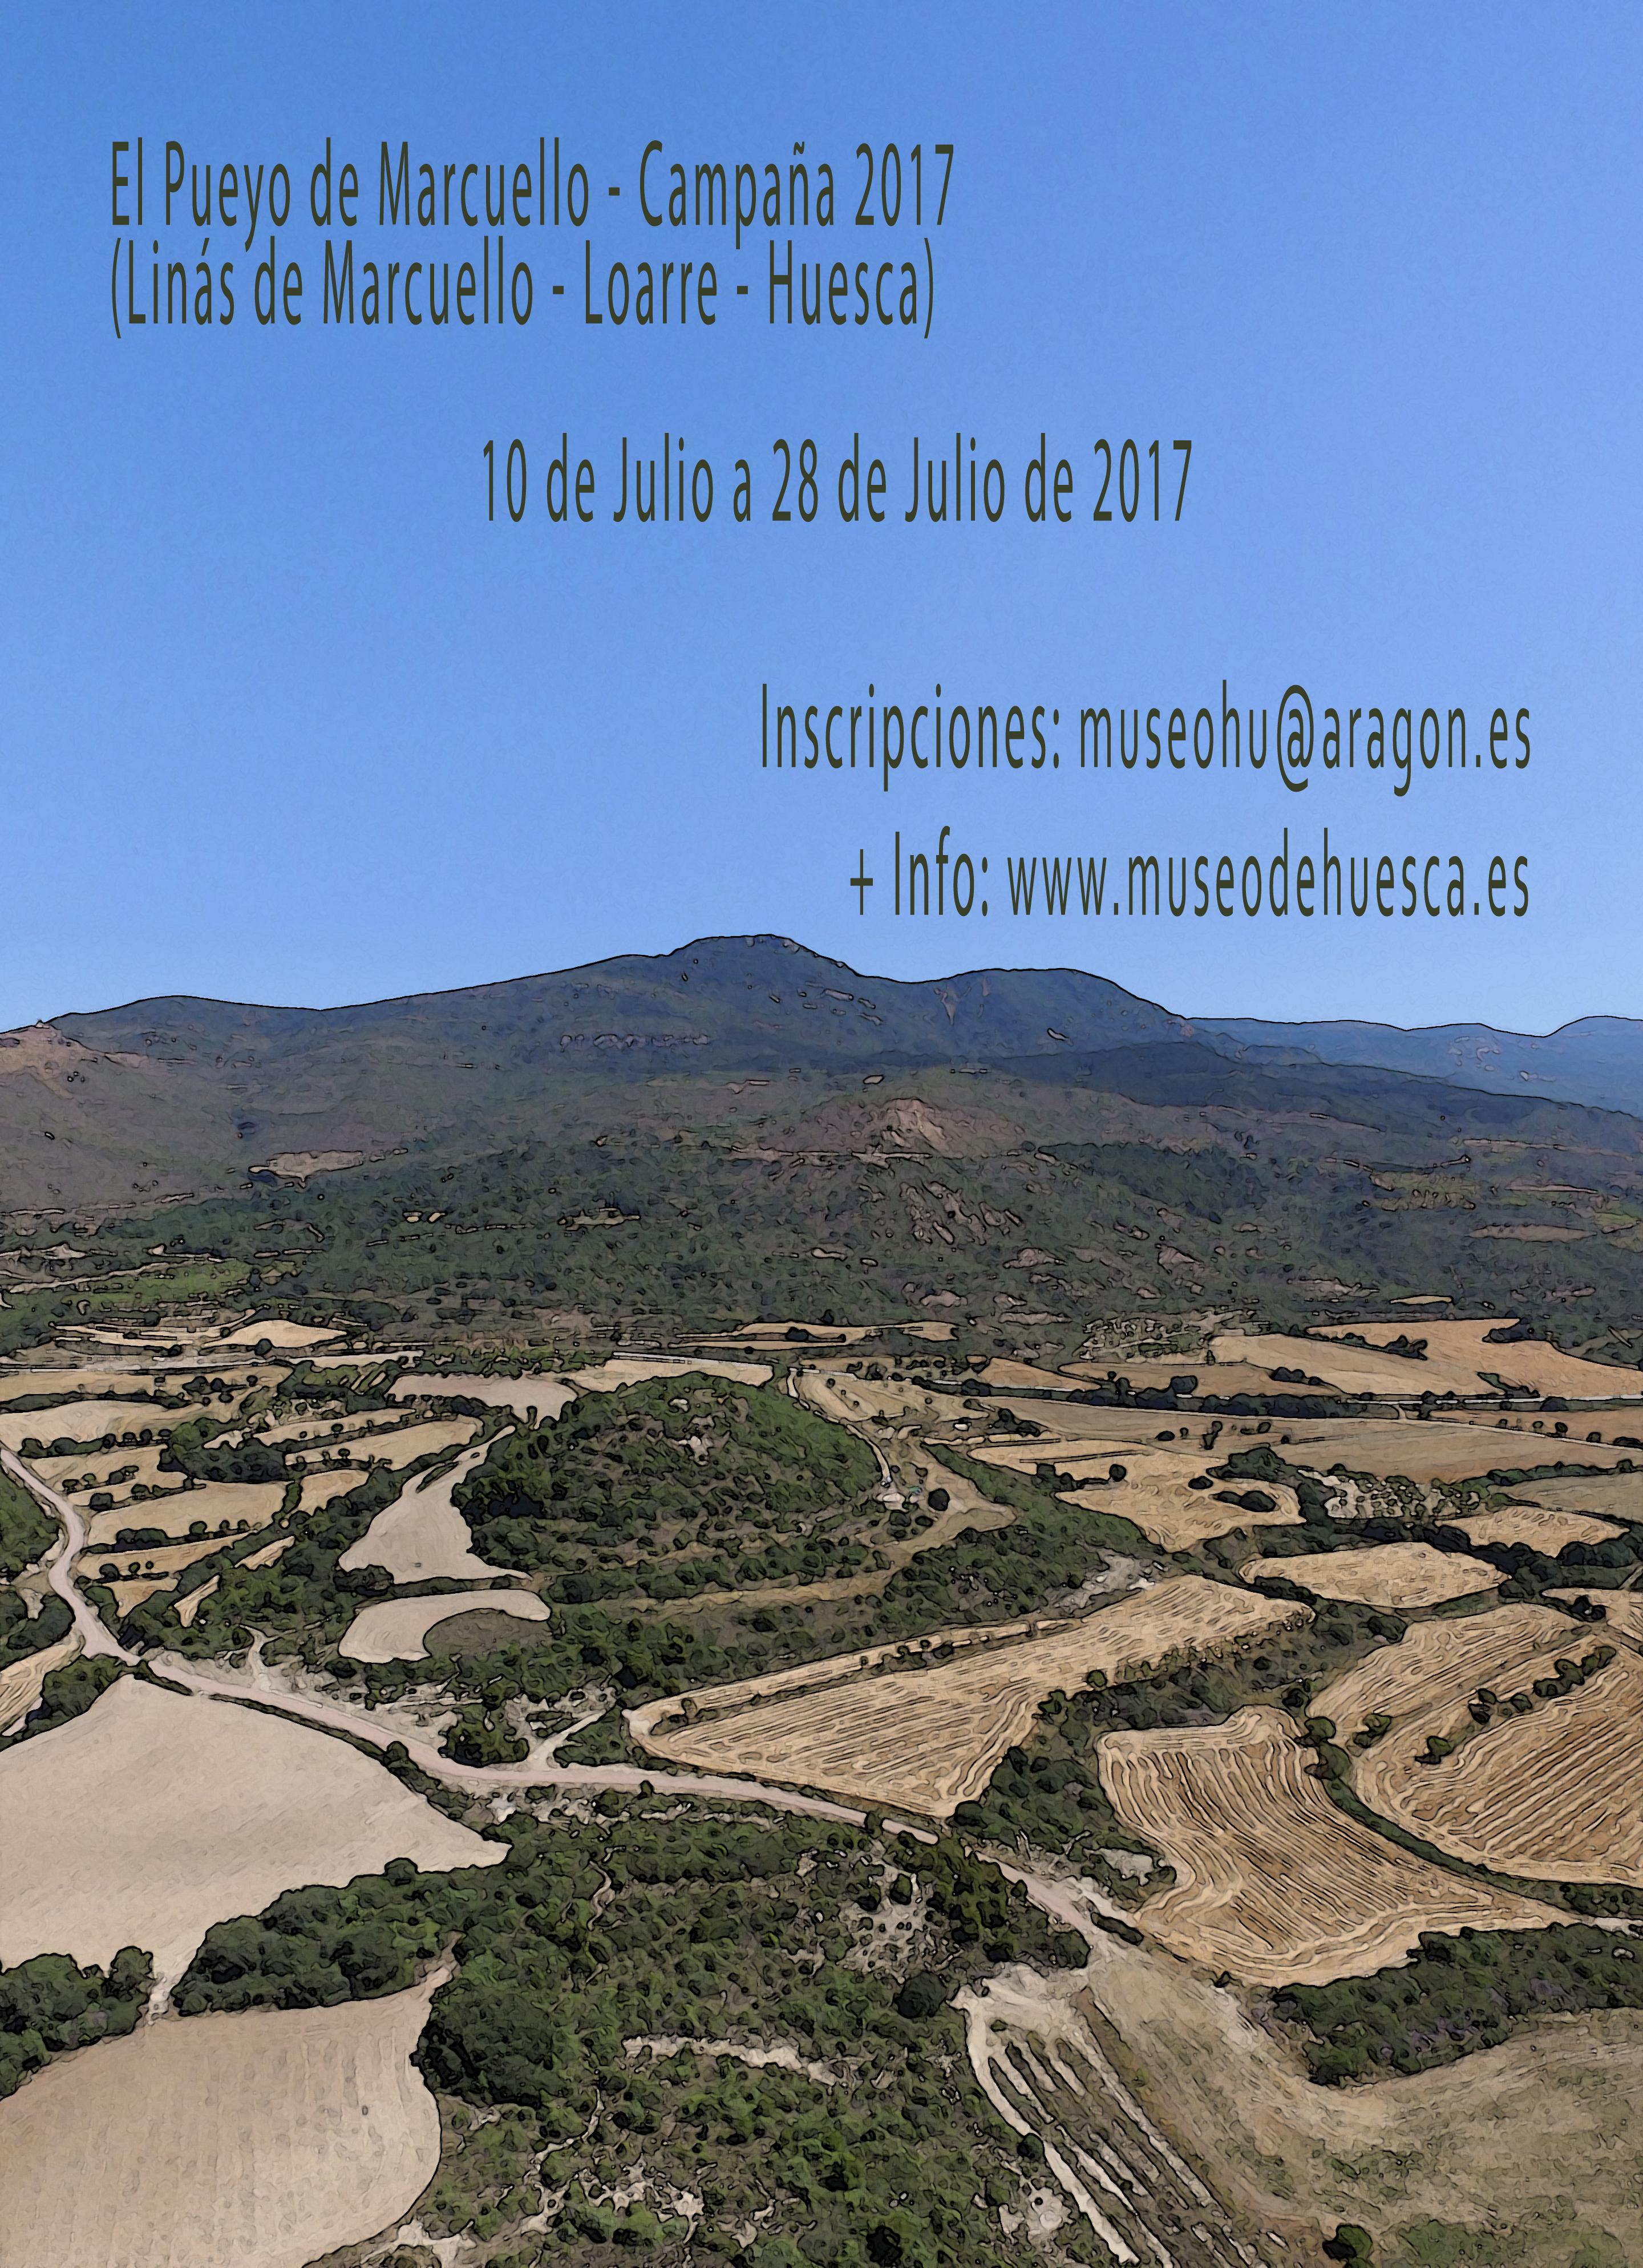 VI Campaña de excavación del yacimiento de la Edad del Hierro en el Pueyo de Marcuello. Cartel-2017-3